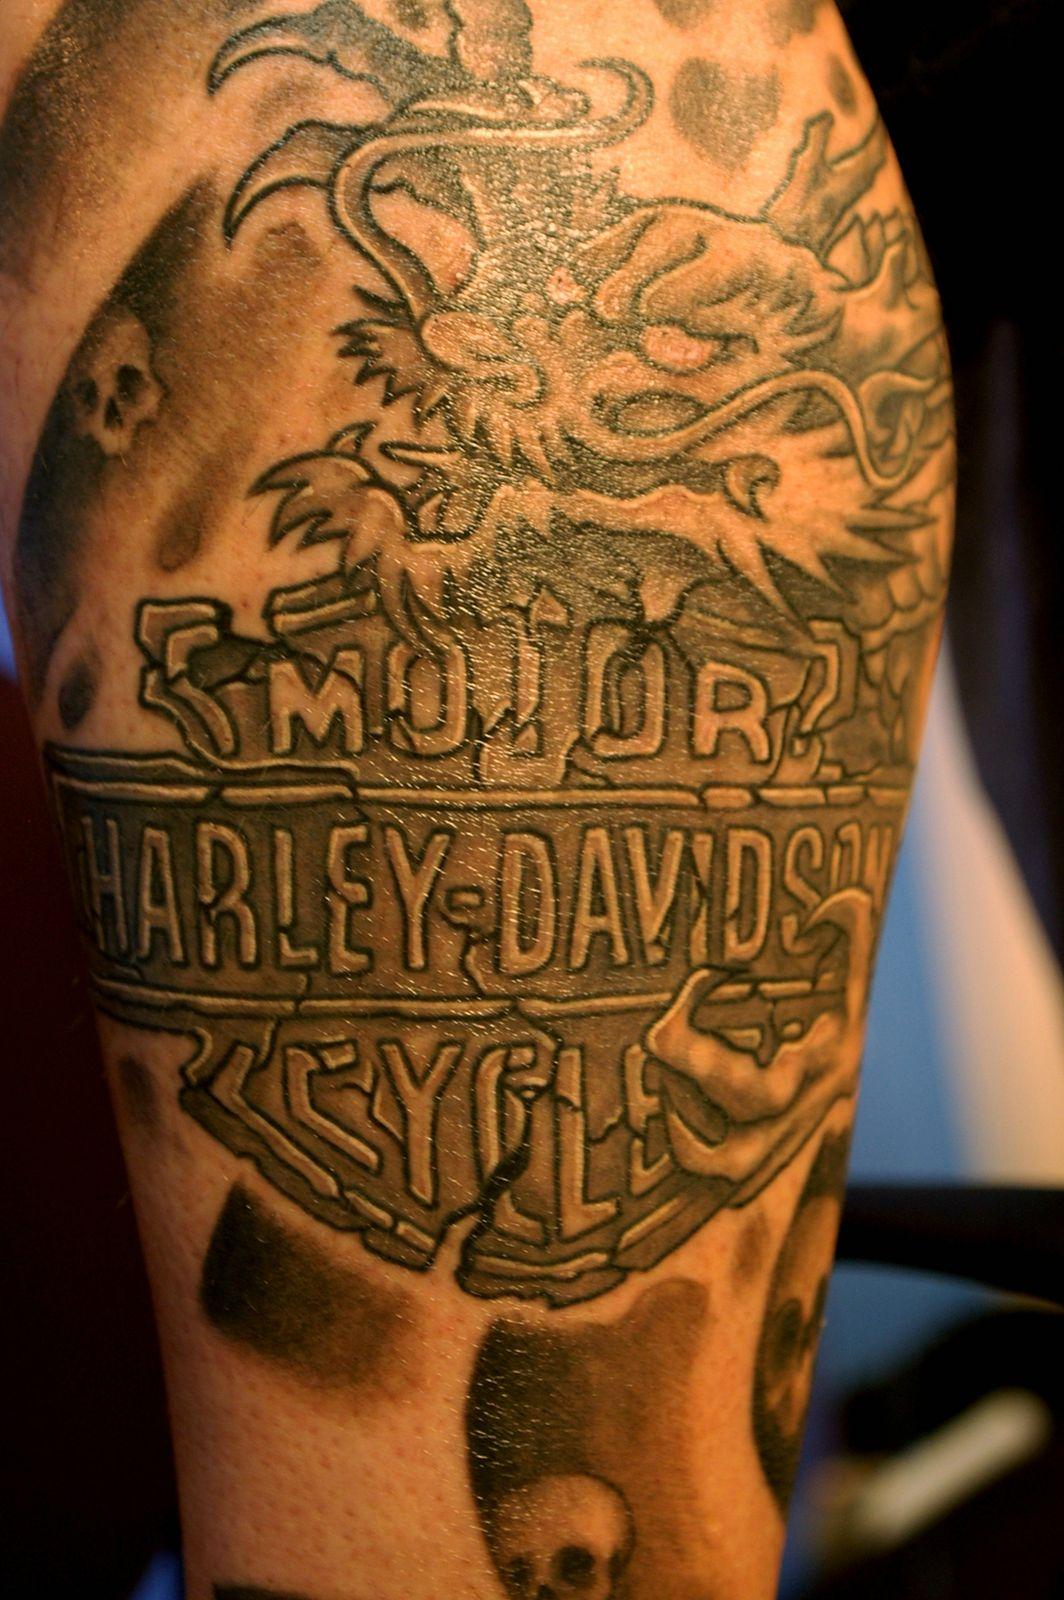 harley davidson eagle tattoo free hd wallpaper. Black Bedroom Furniture Sets. Home Design Ideas